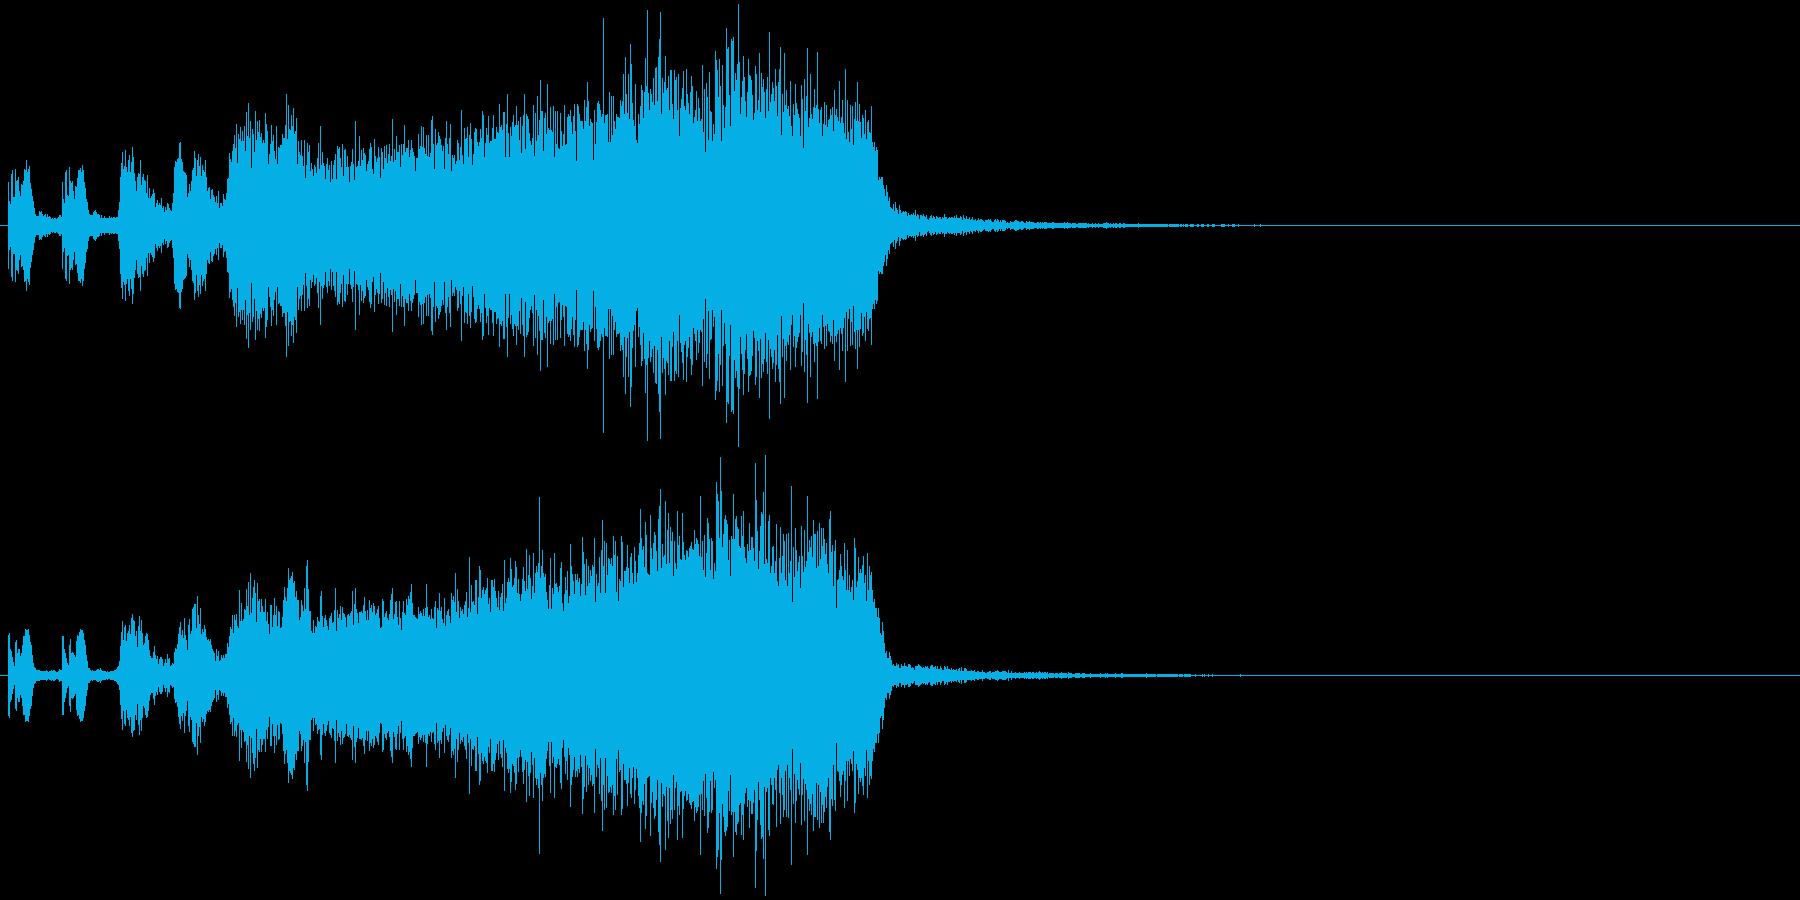 怪しげな雰囲気⇨悪いヤツ登場のジングルの再生済みの波形